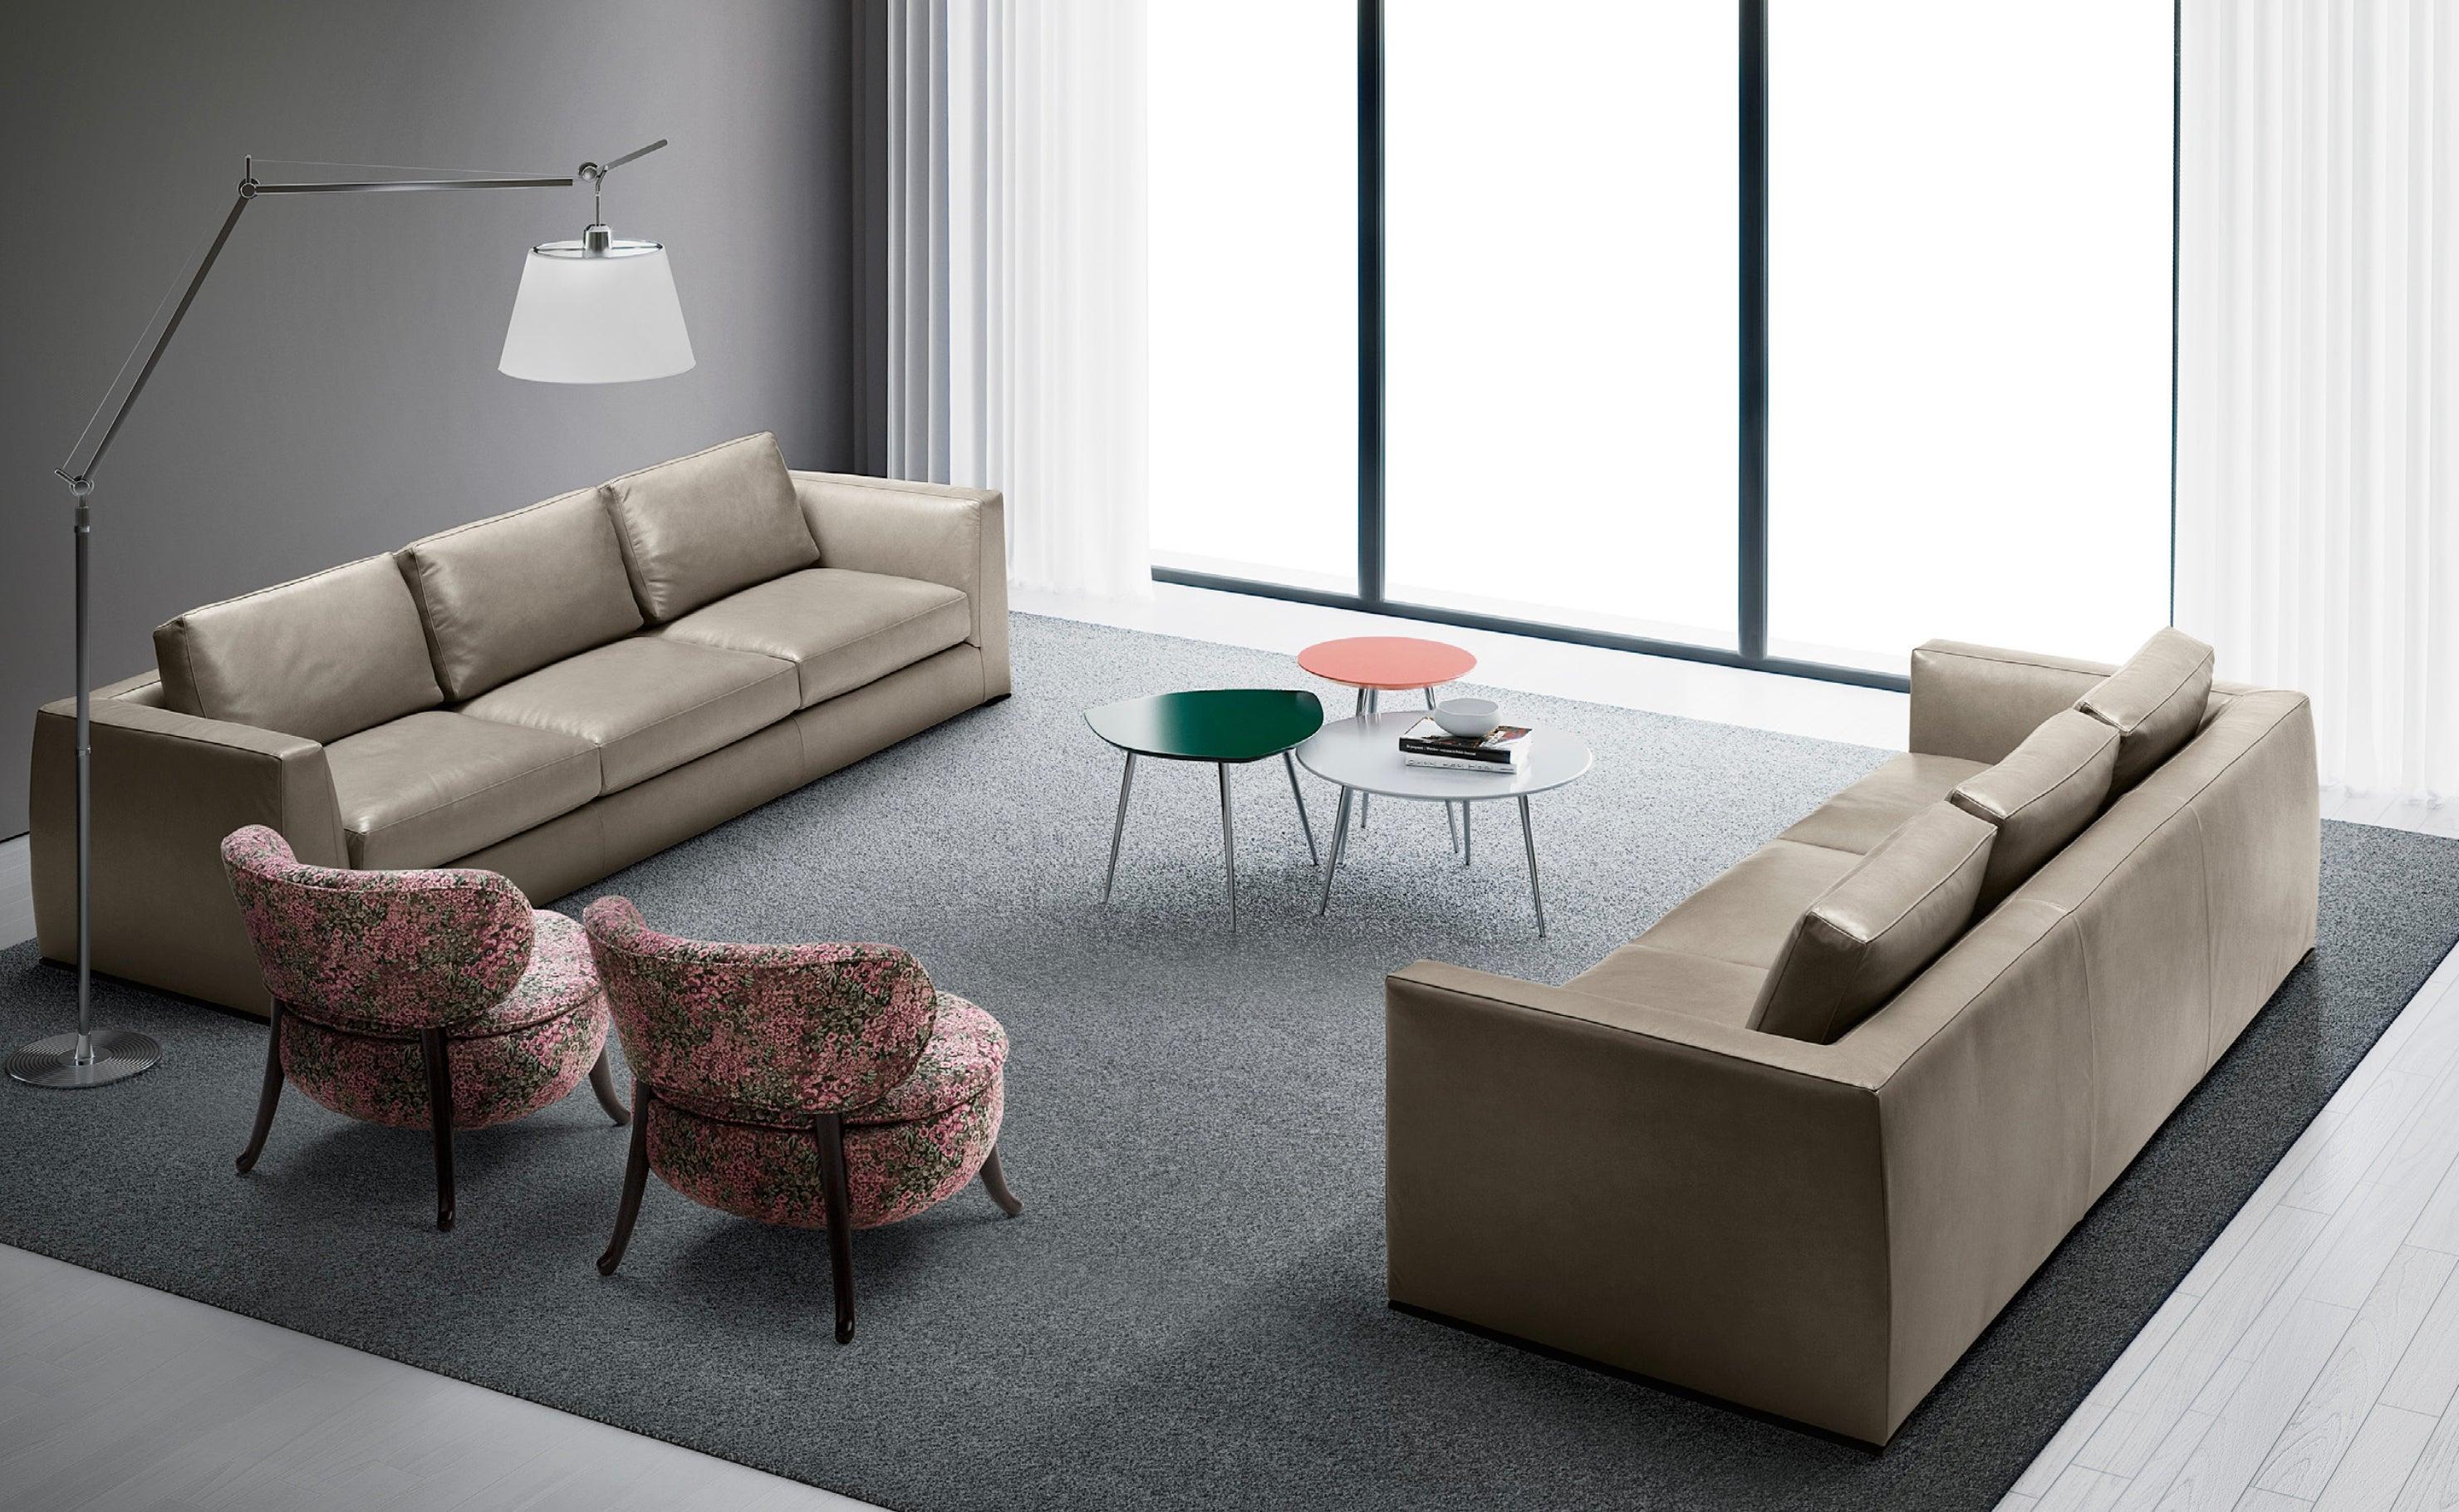 Italian Modular Designer Sofa Design Giulio Manzoni Made In Italy